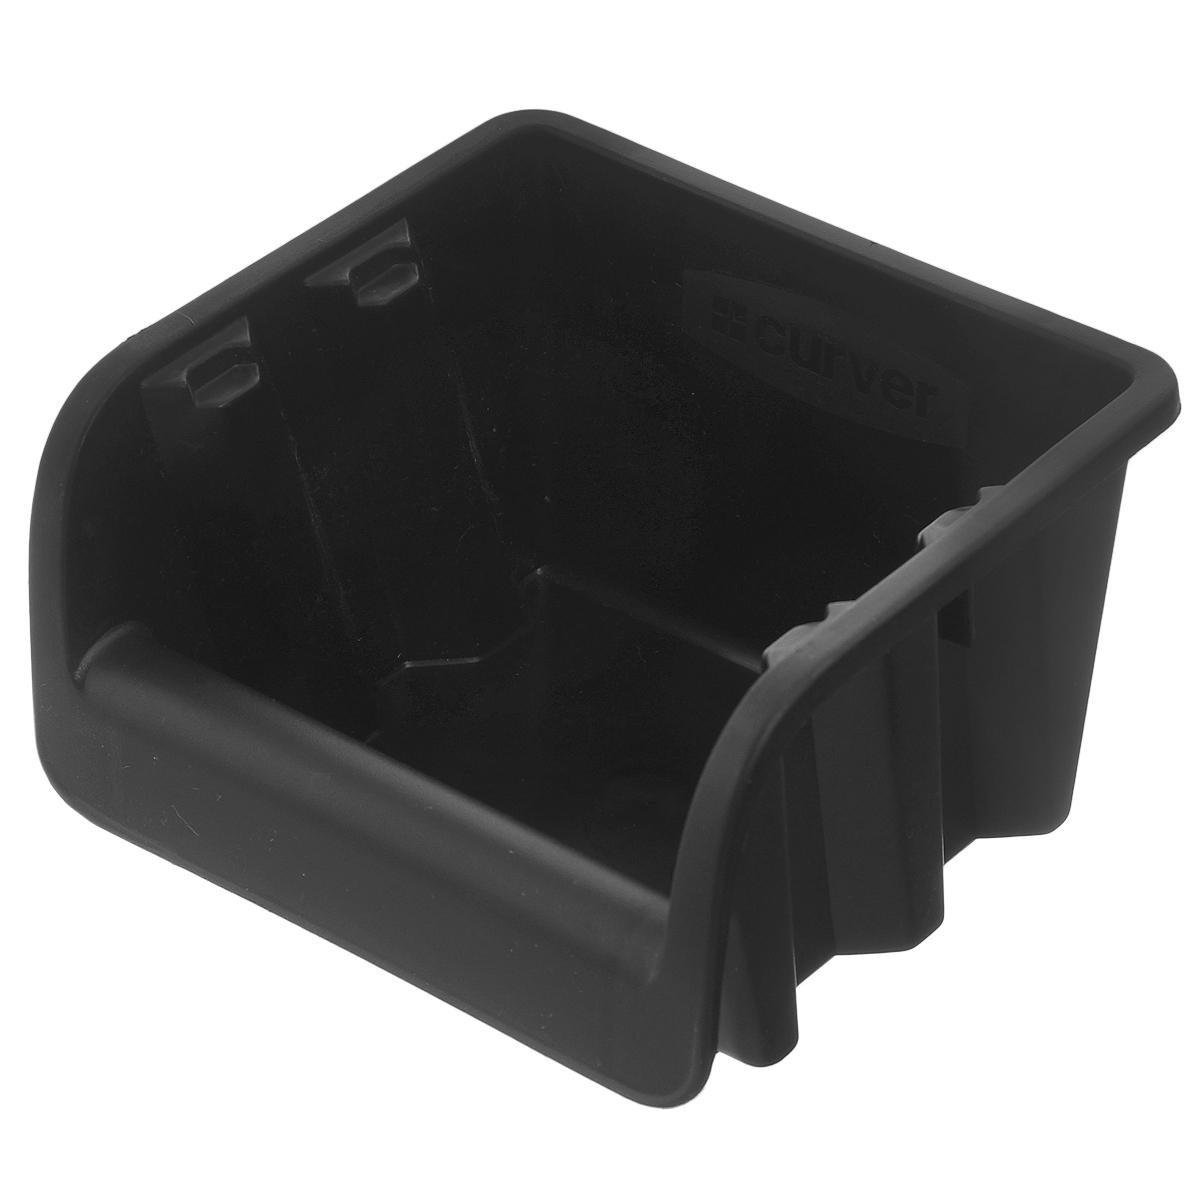 Емкость складская Curver Profi №1, цвет: черный, 11 см х 11,5 см х 7,7 см04951-101-00Емкость Curver Profi №1 выполнена из высококачественного пластика и предназначена для хранения различных складских мелочей, таких как гвозди, болты, гайки. Удобная конструкция изделия позволяет без труда достать из емкости нужную вещь. Емкость Curver Profi №1 будет незаменимой дома, на даче или в гараже.